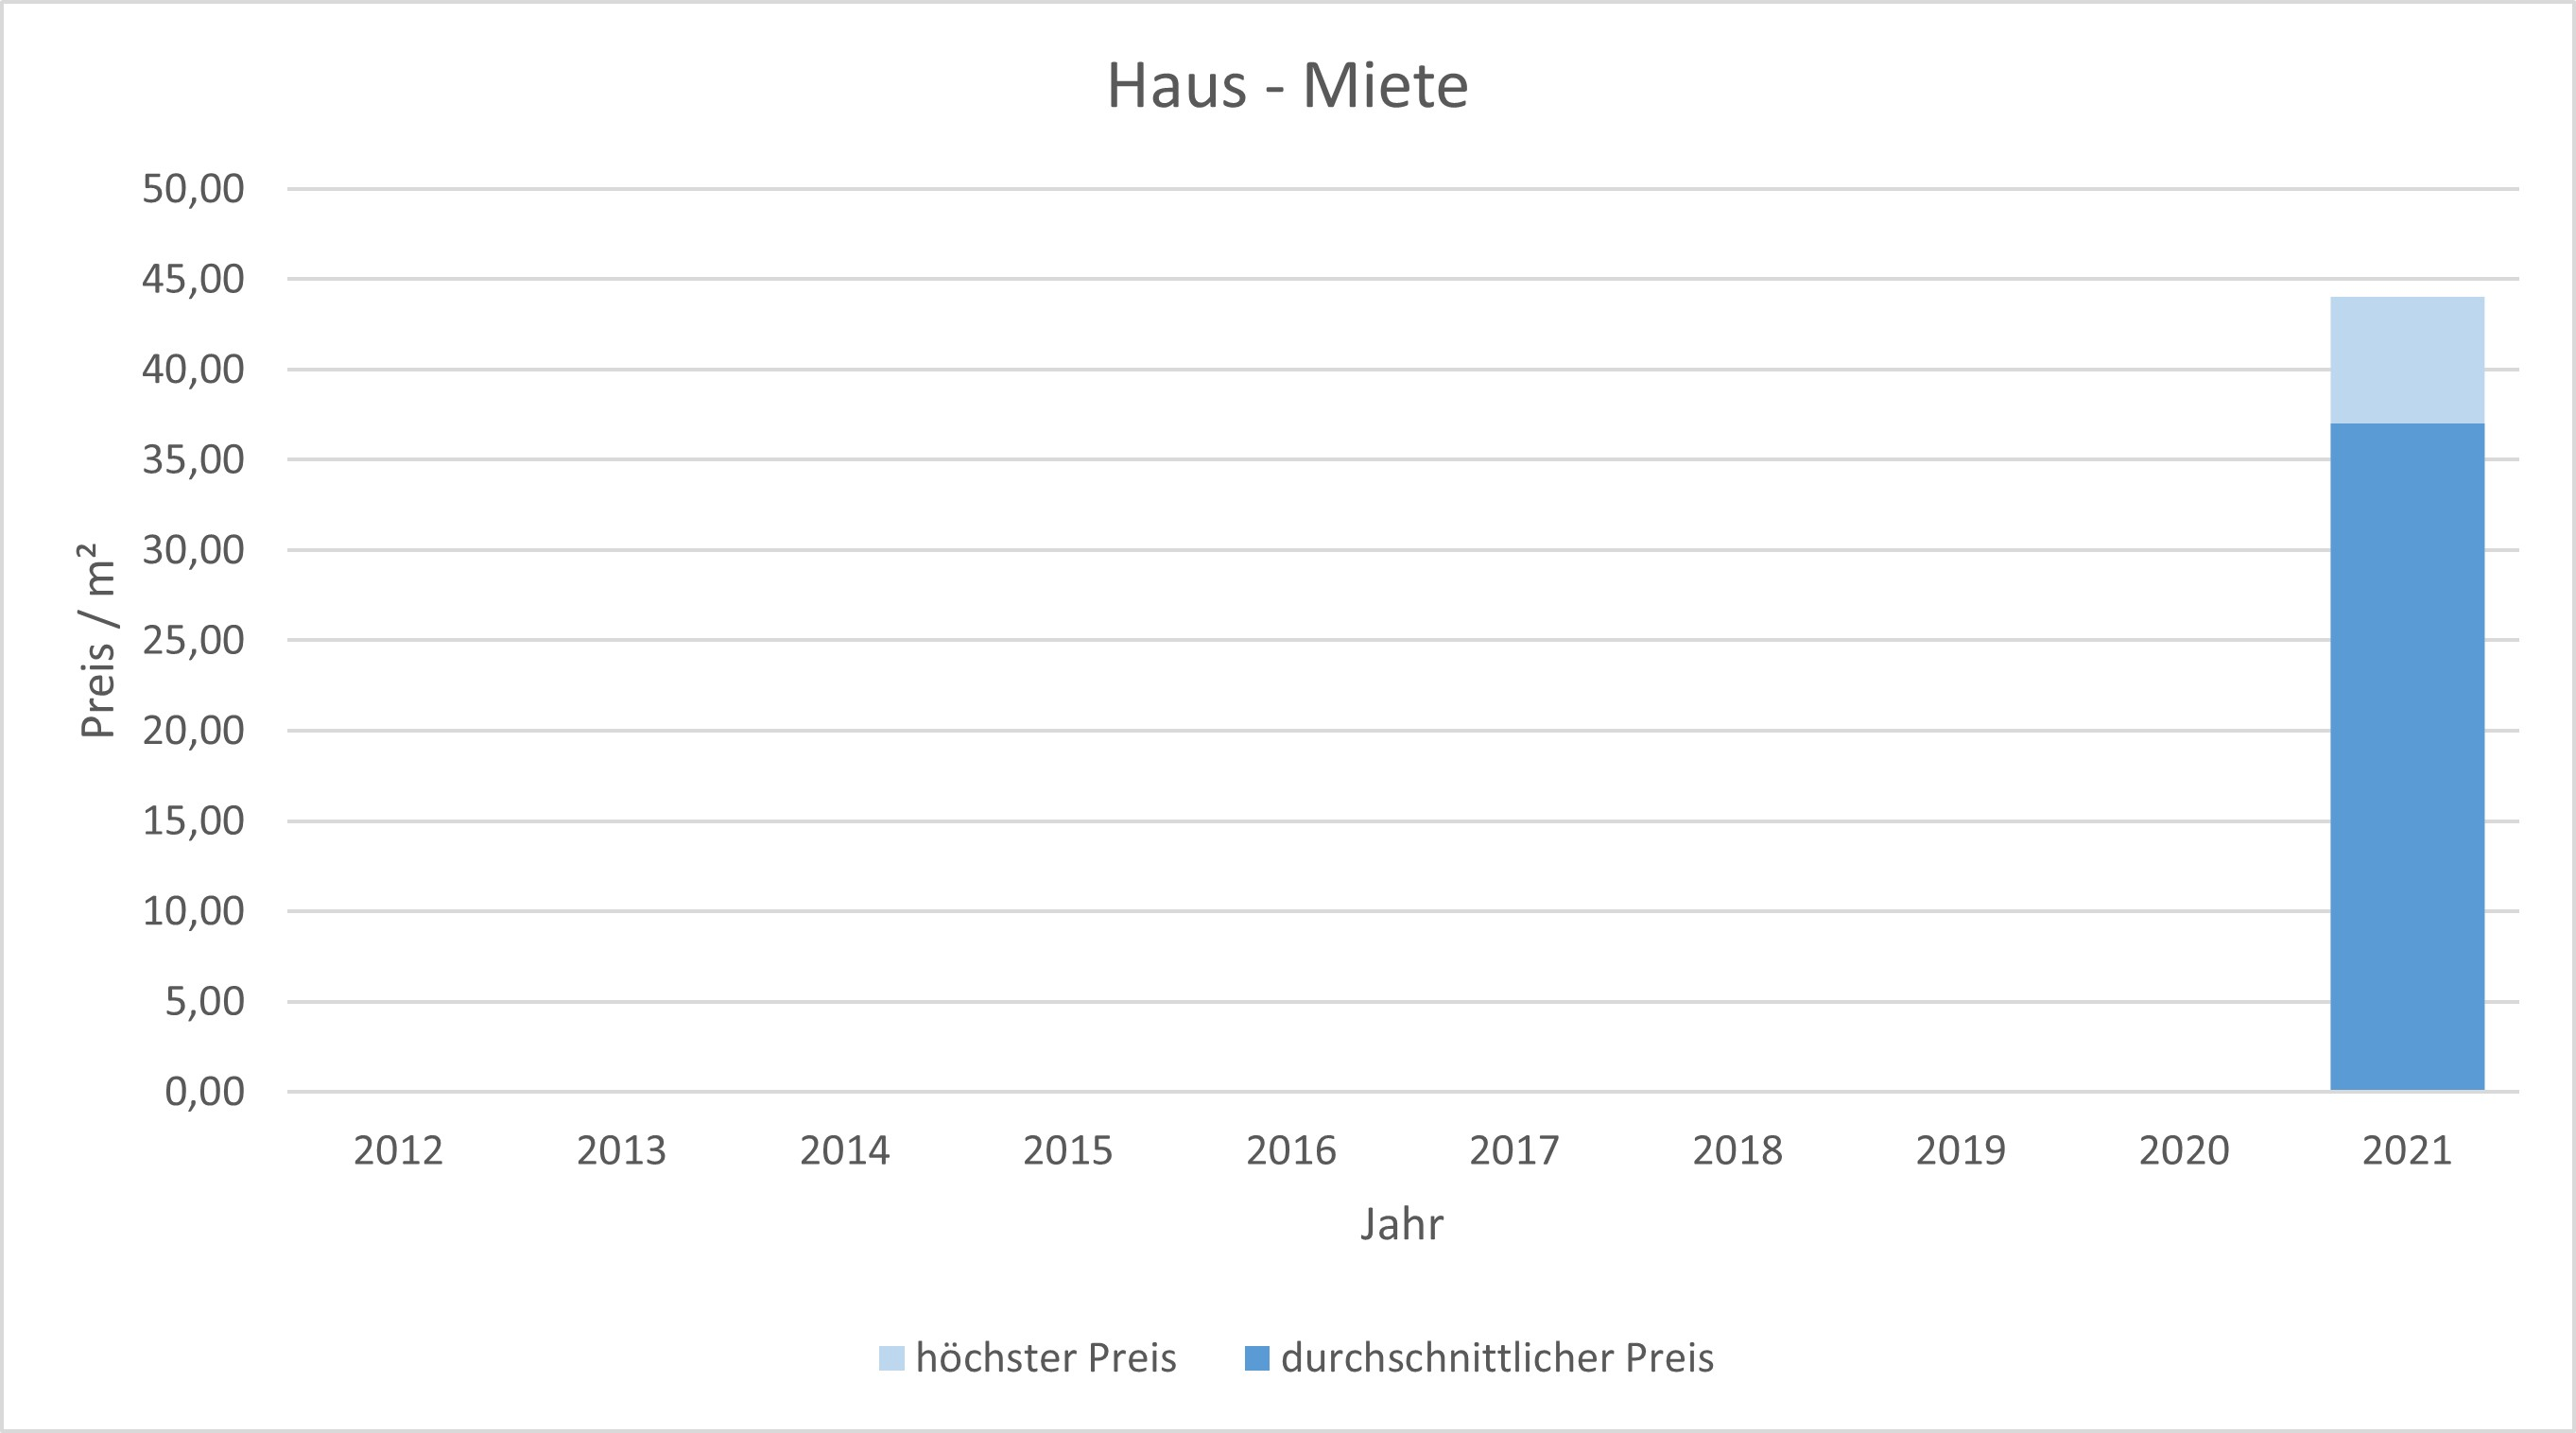 München - Glockenbachviertel Wohnung mieten vermieten Preis Bewertung Makler 2019 2020 2021 www.happy-immo.de